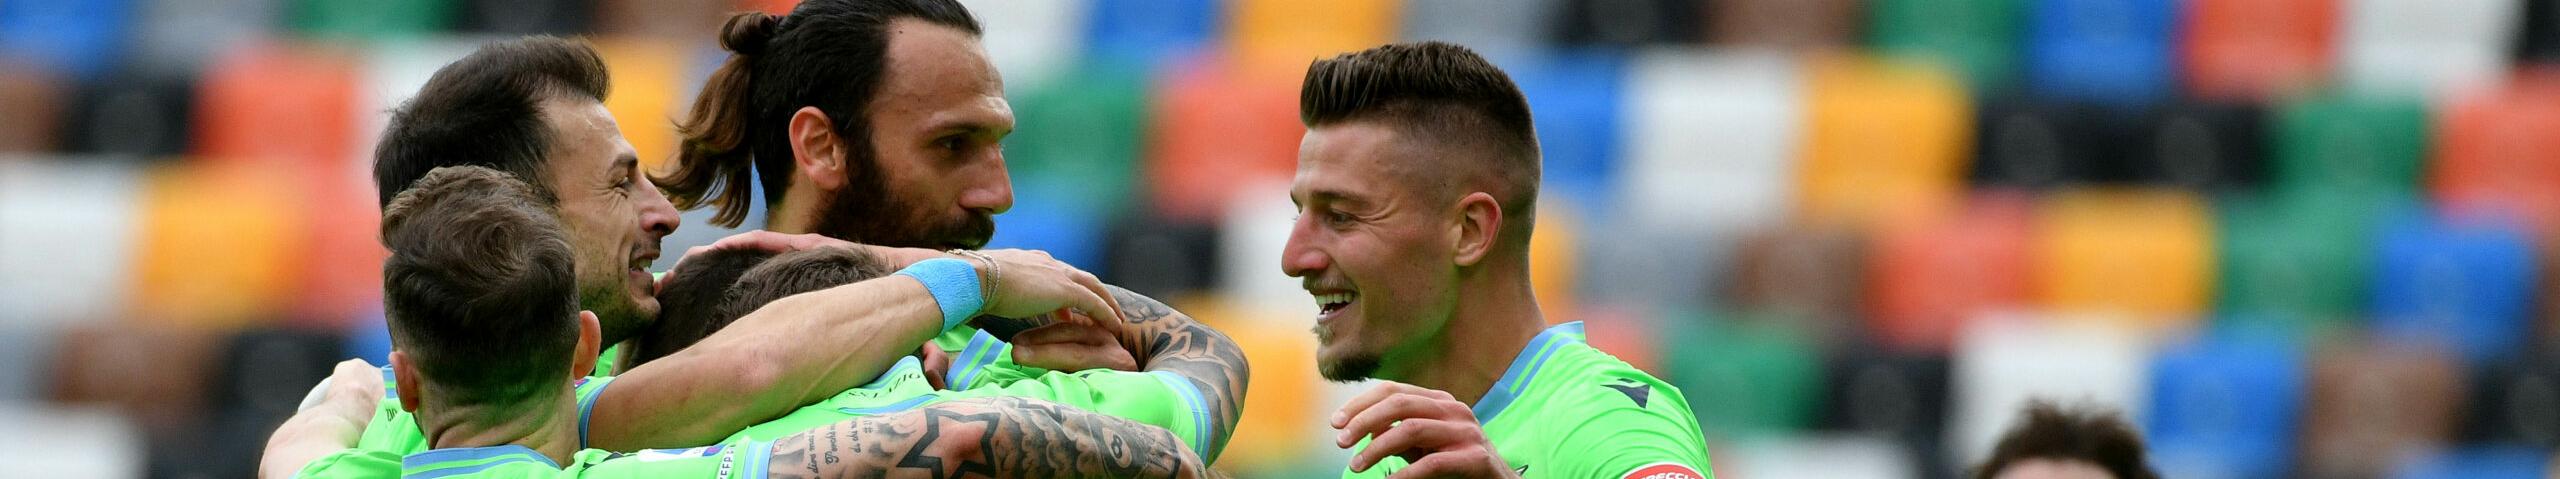 Lazio-Spezia, l'Aquila vuole restare in corsa per la Champions